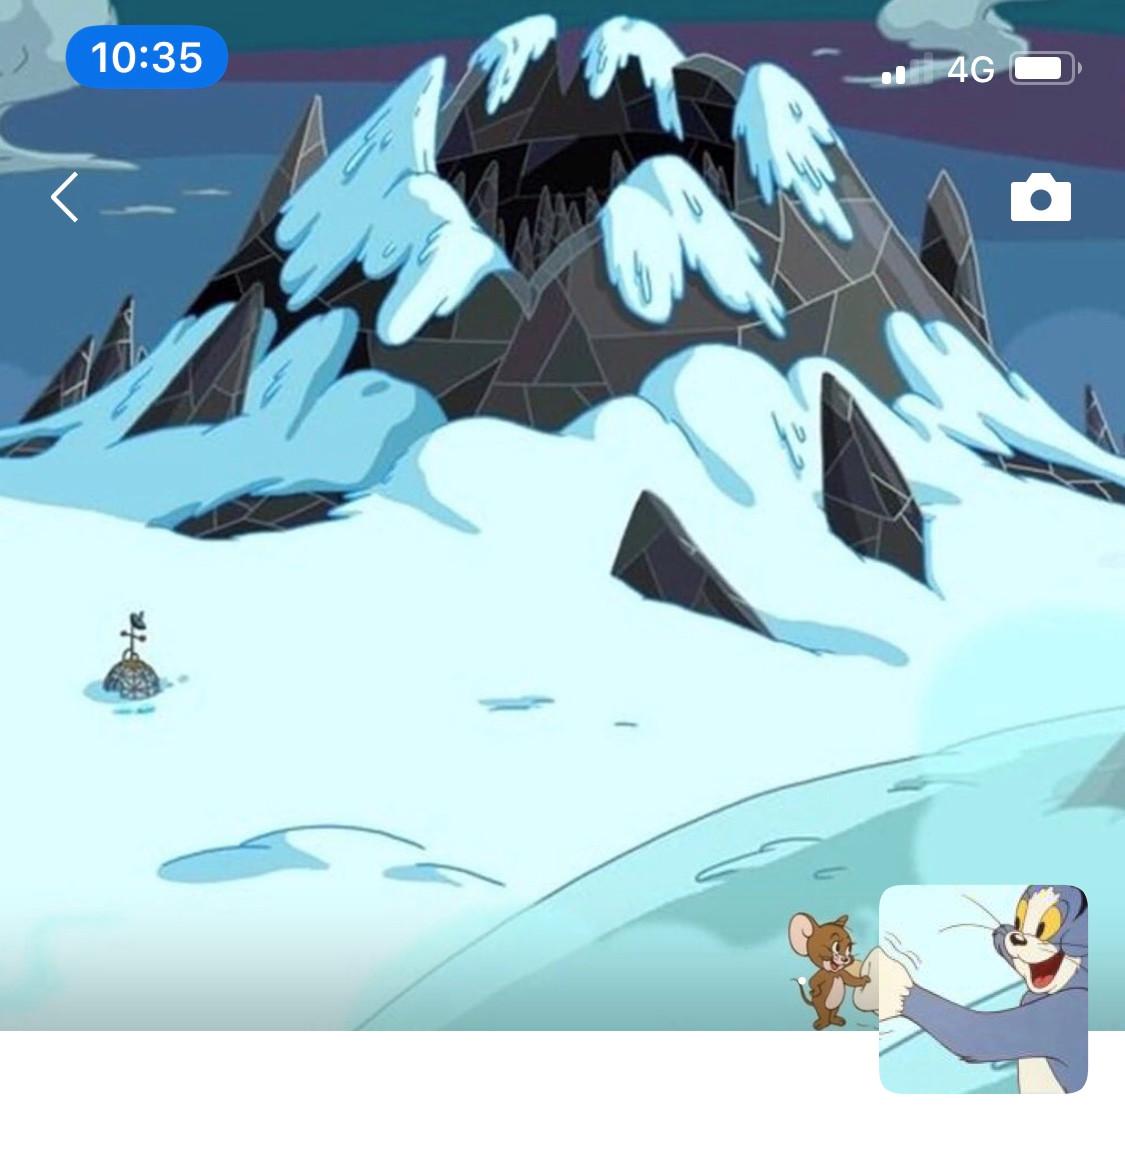 微信朋友圈猫和老鼠情侣头像背景套图